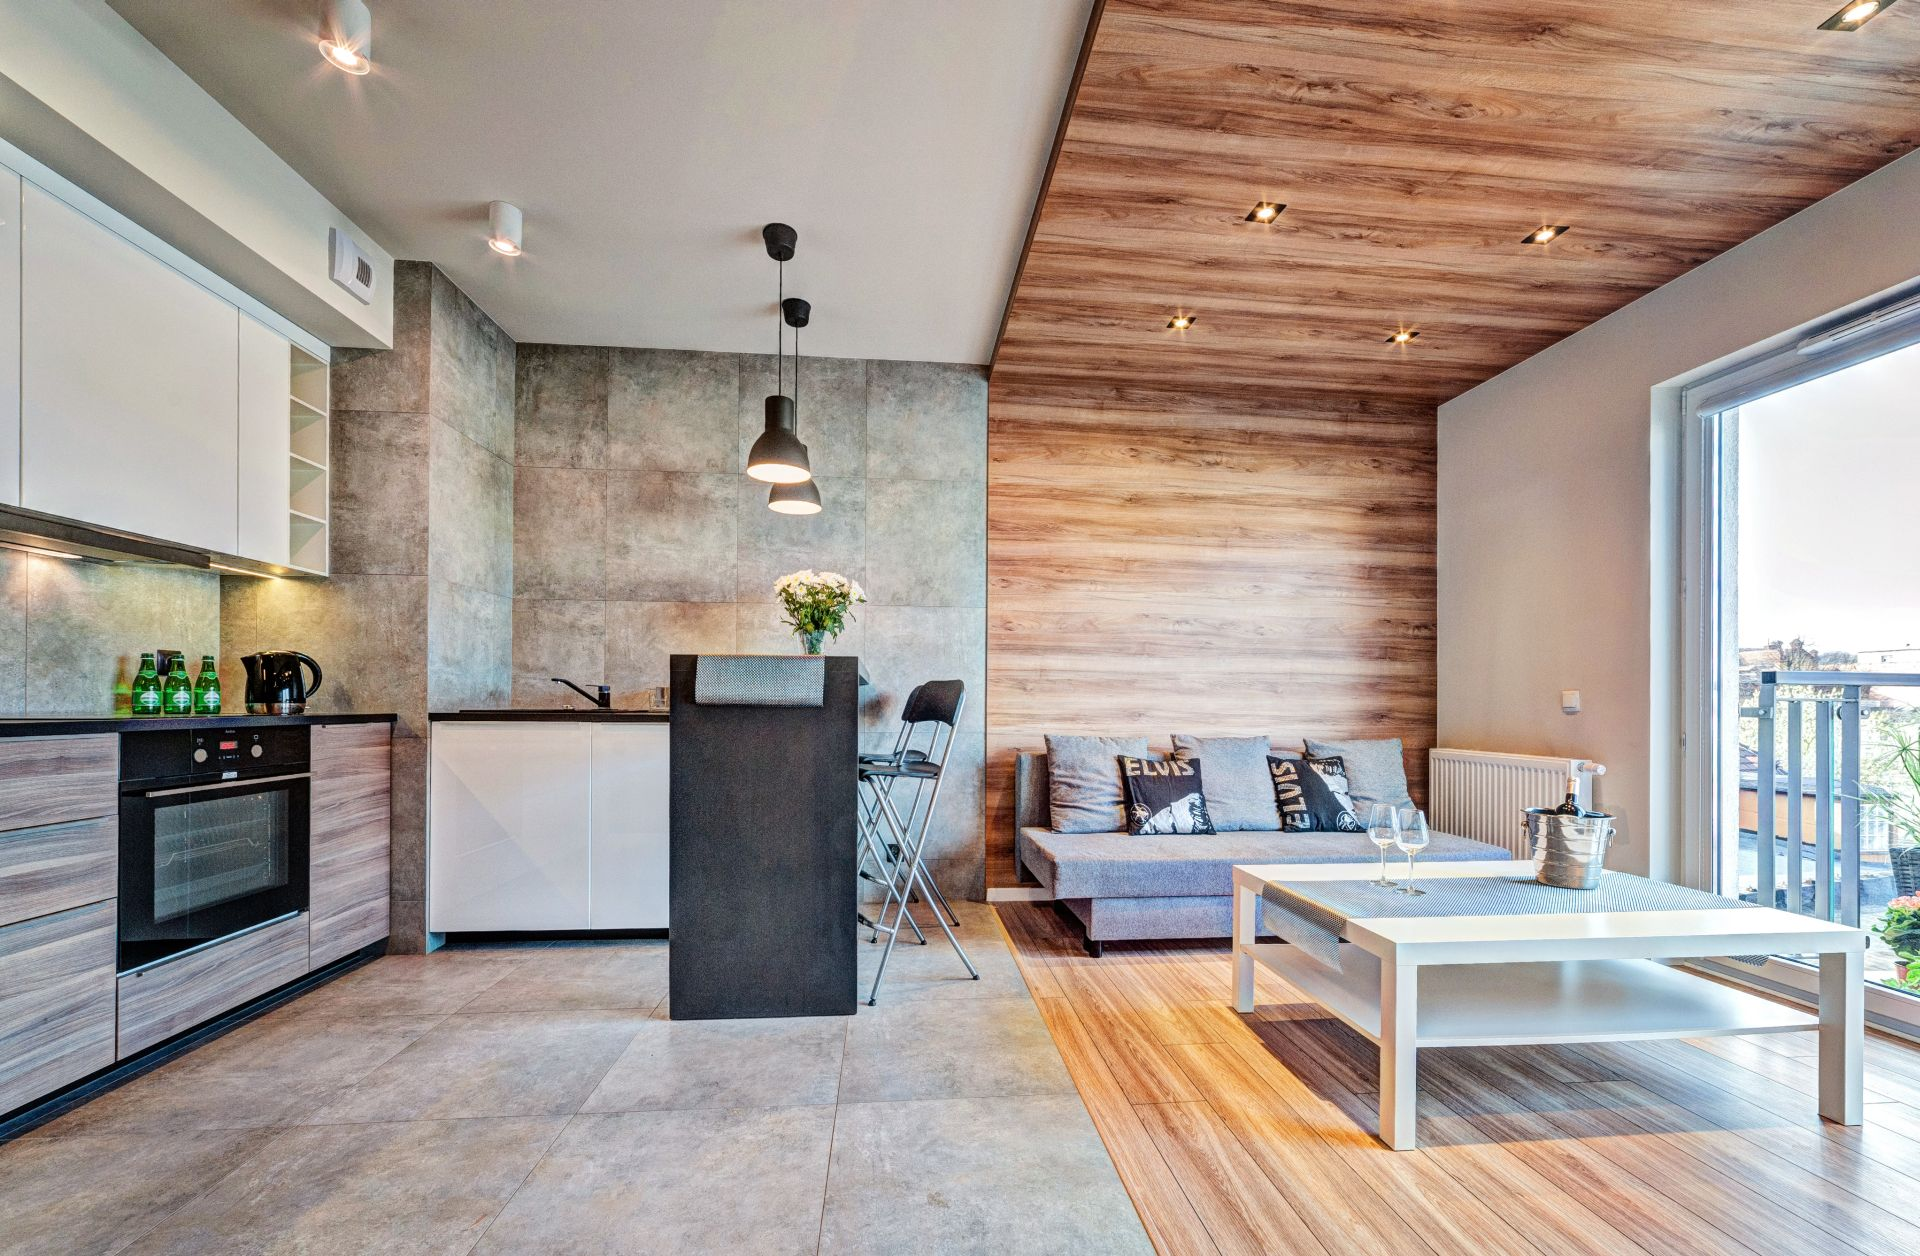 Однокомнатная квартира 40 кв м в лаконичном дизайне